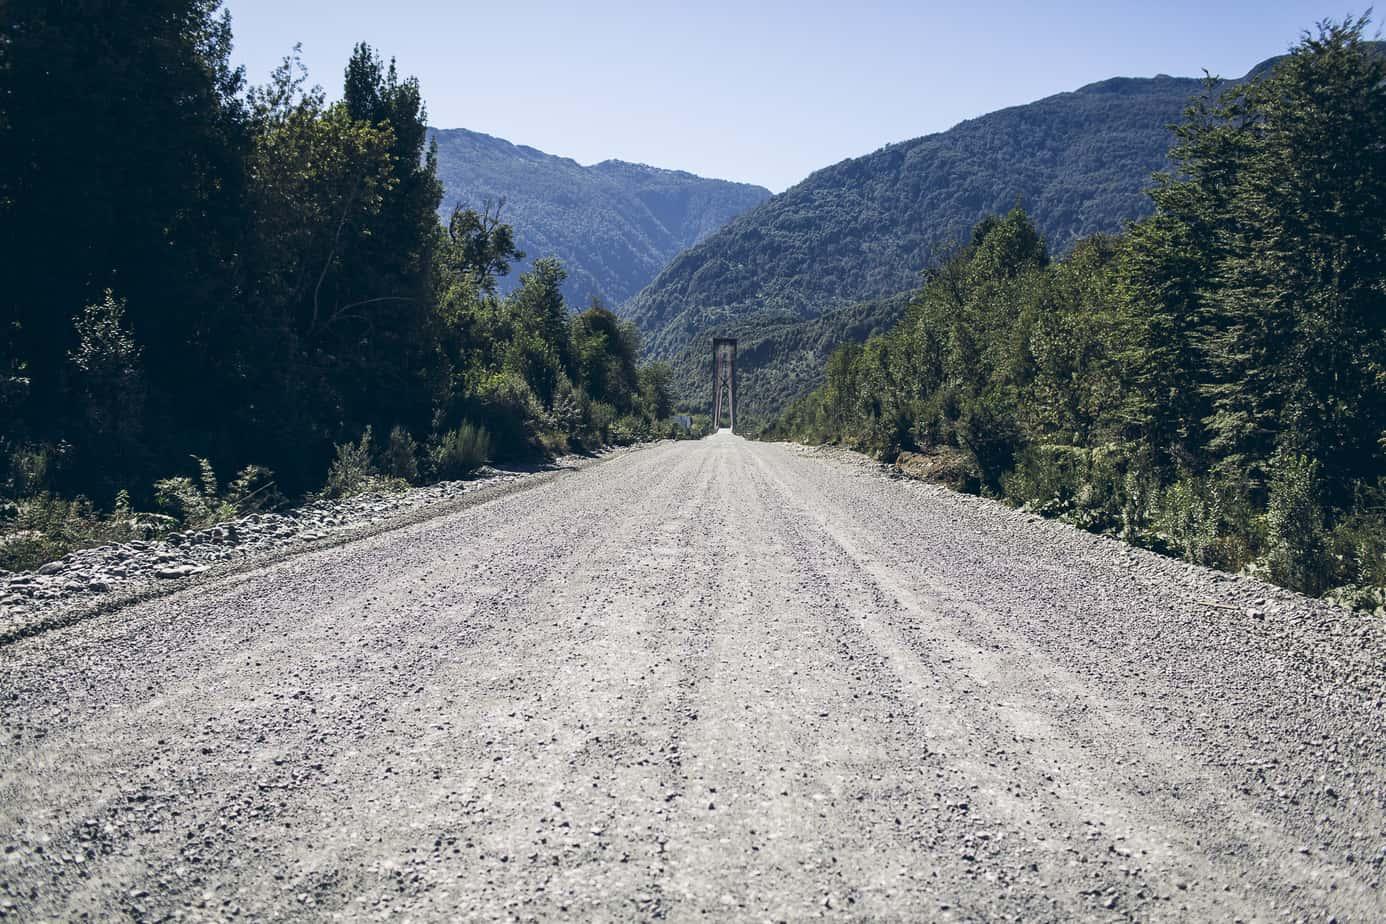 d2g_expoportal_carreteraaustral-26